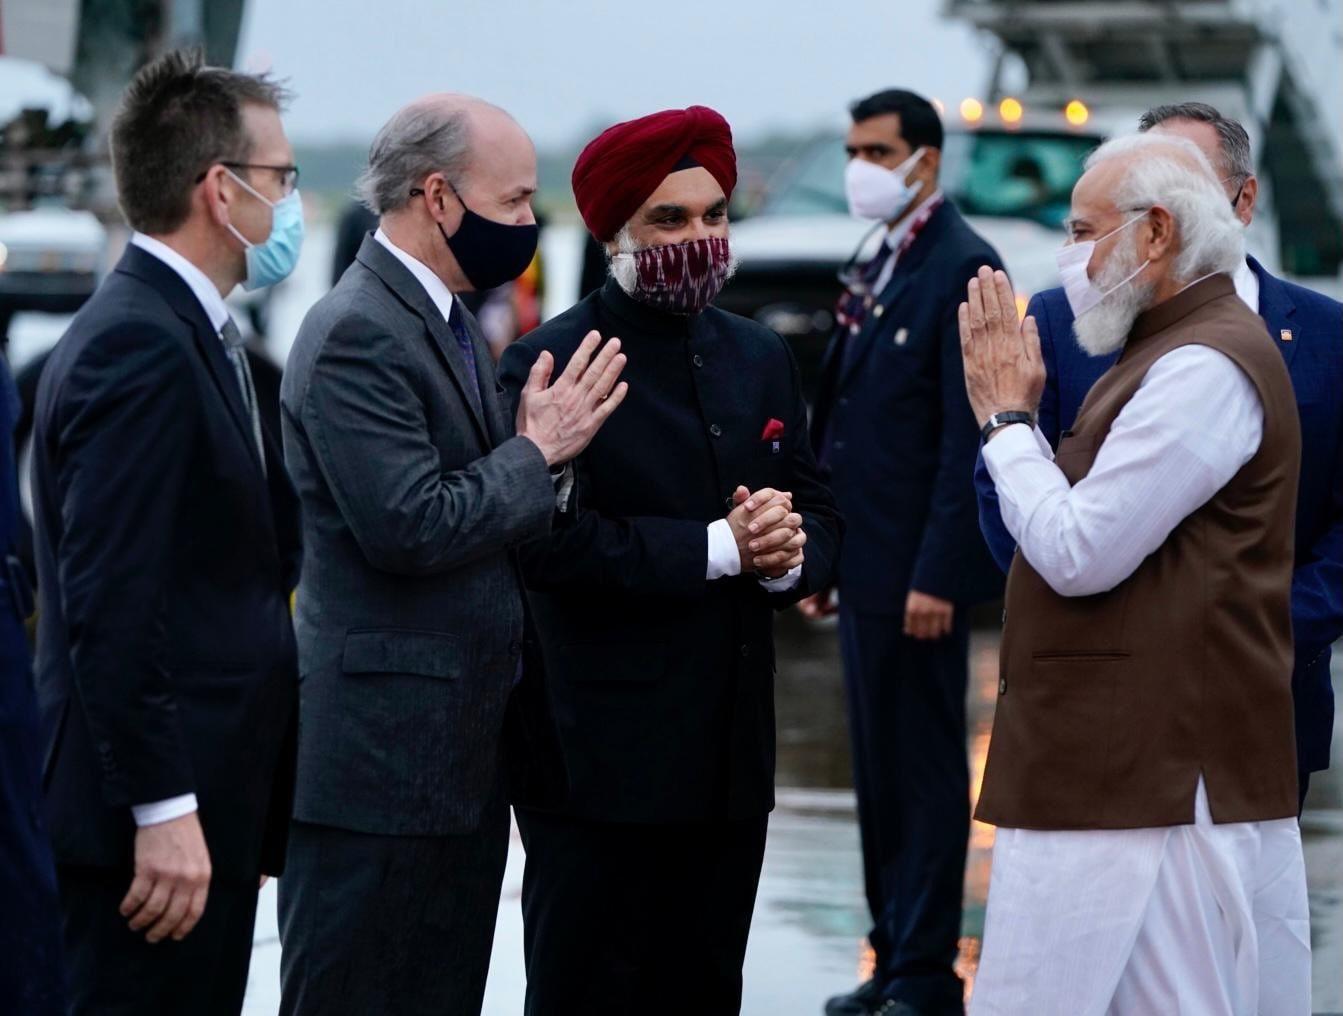 पीएम के अमेरिका पहुंचने पर ब्रिगेडियर अनूप सिंघल, वायुसेना अधिकारी अंजन भद्रा और नौसेना अधिकारी निर्भया बापना के साथ अमेरिका में भारत के राजदूत तरणजीत सिंह संधू ने भी उनका स्वागत किया.